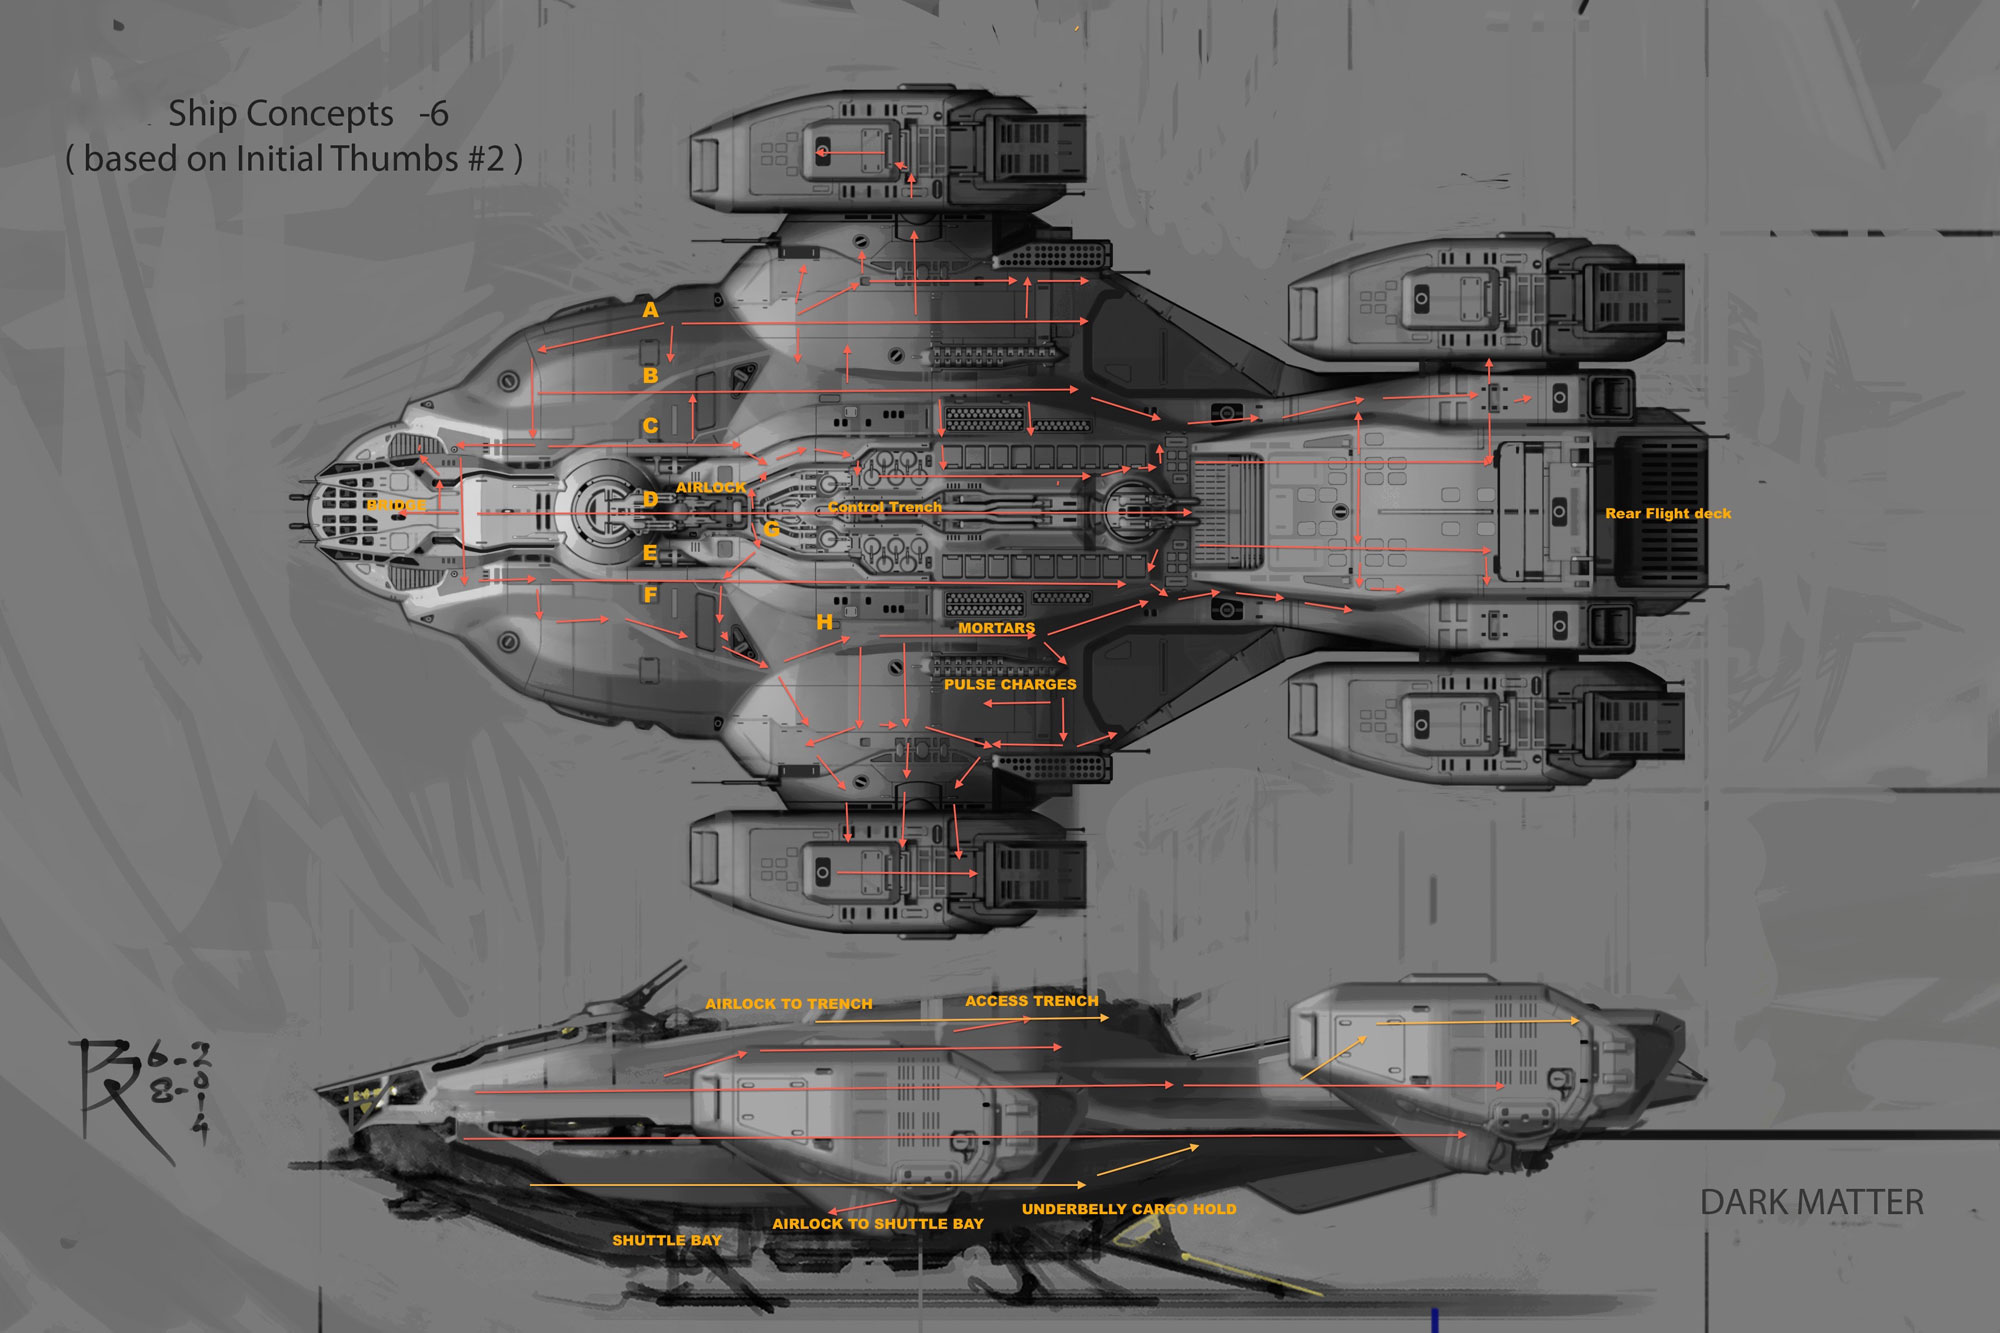 Taller de Encargos Oficial: Naves espaciales [Pide aquí tu nave espacial] - Página 4 Latest?cb=20150610014341